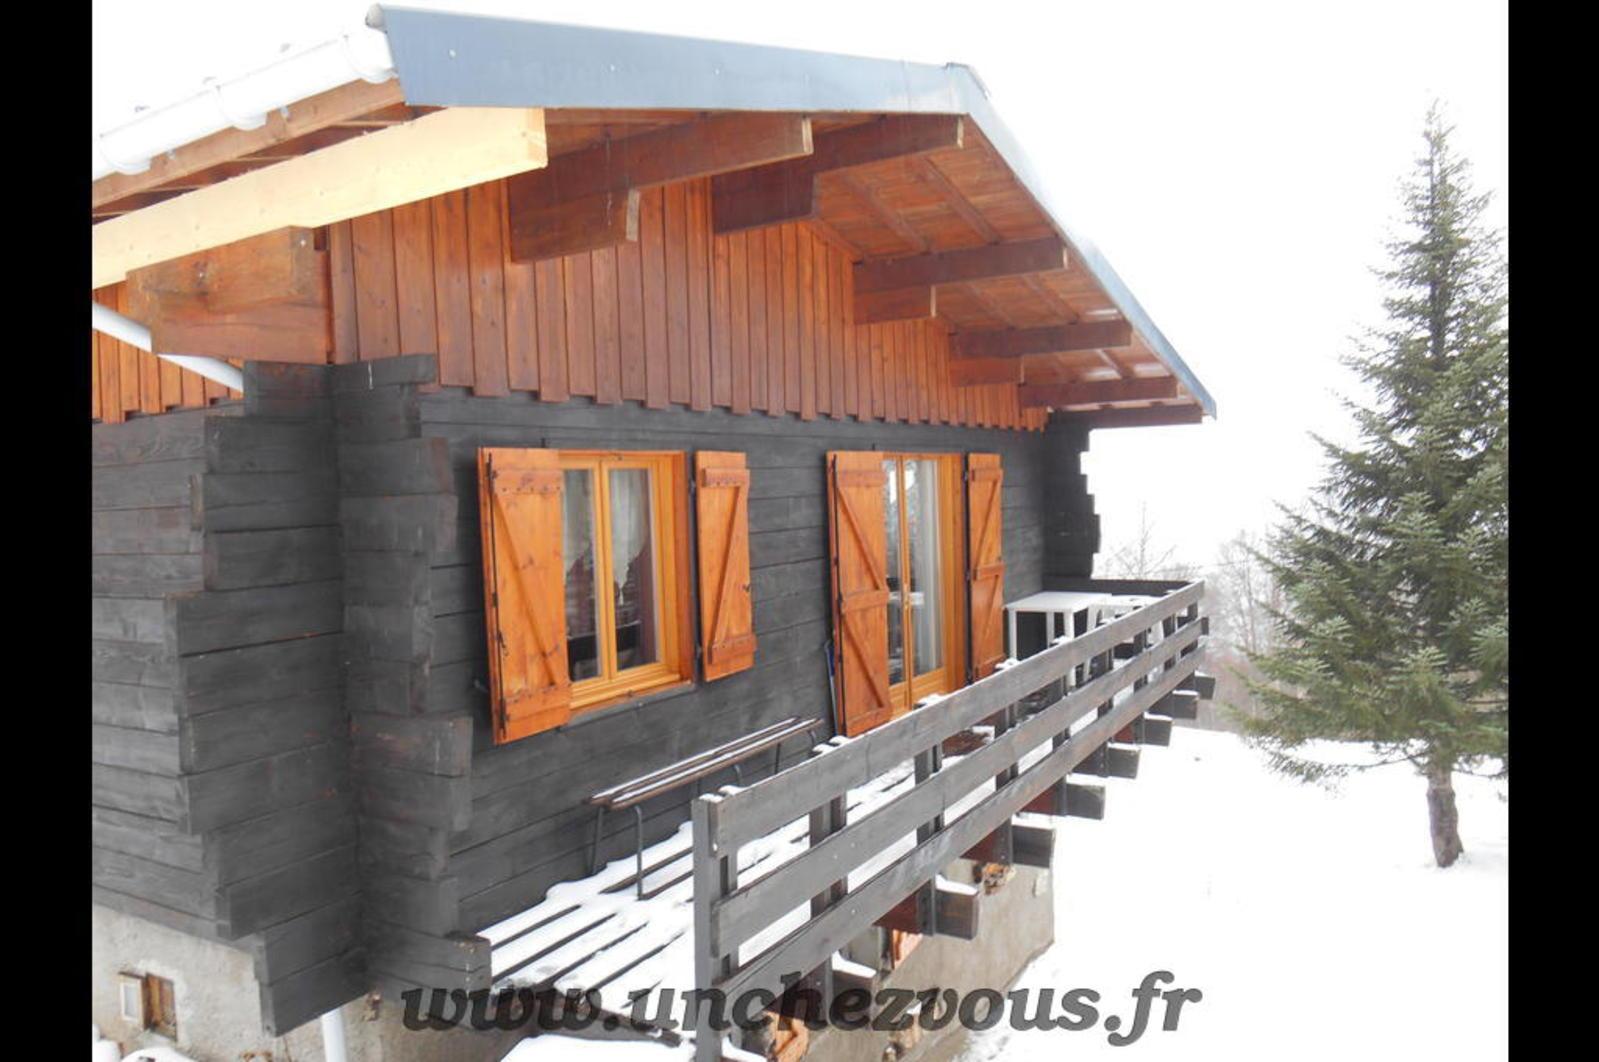 montferrier station de ski les monts d olmes unchezvous